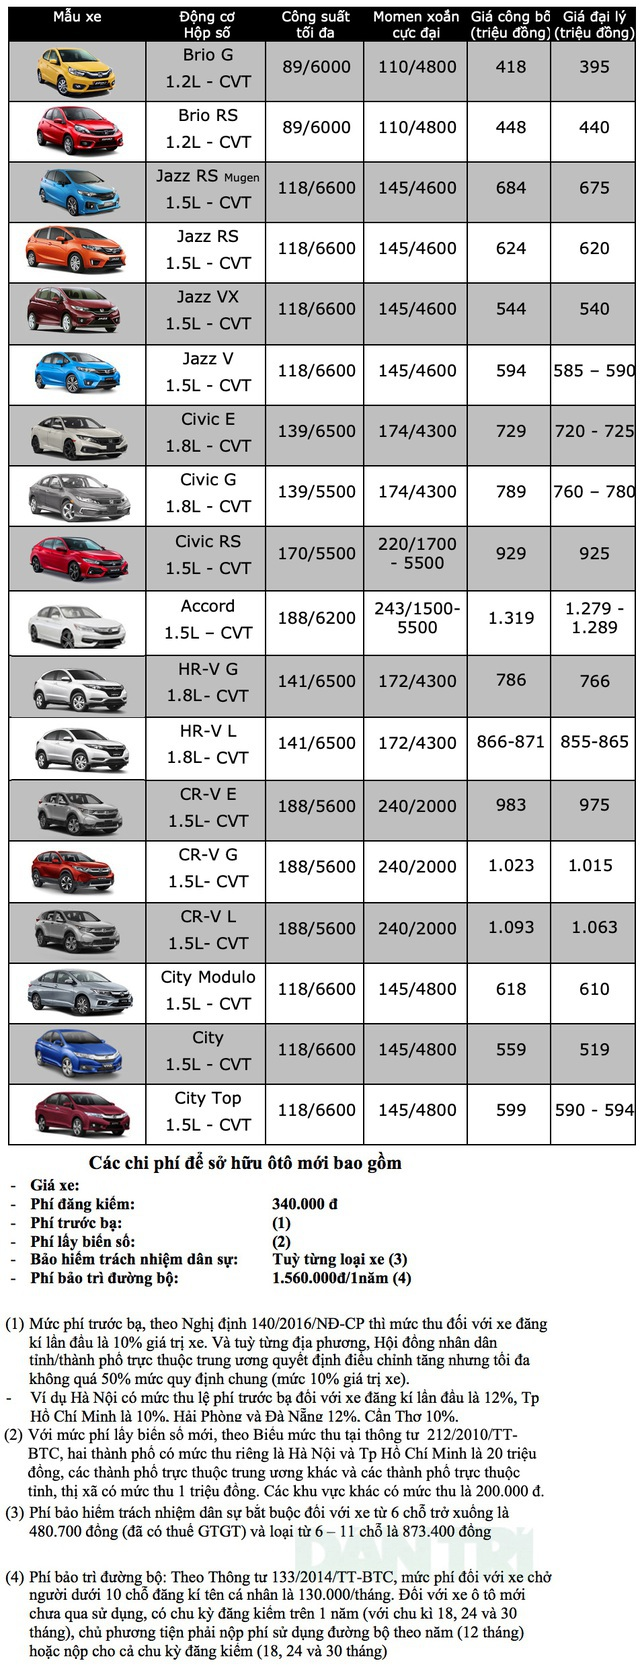 Bảng giá ôtô Honda tháng 6/2020 - 1